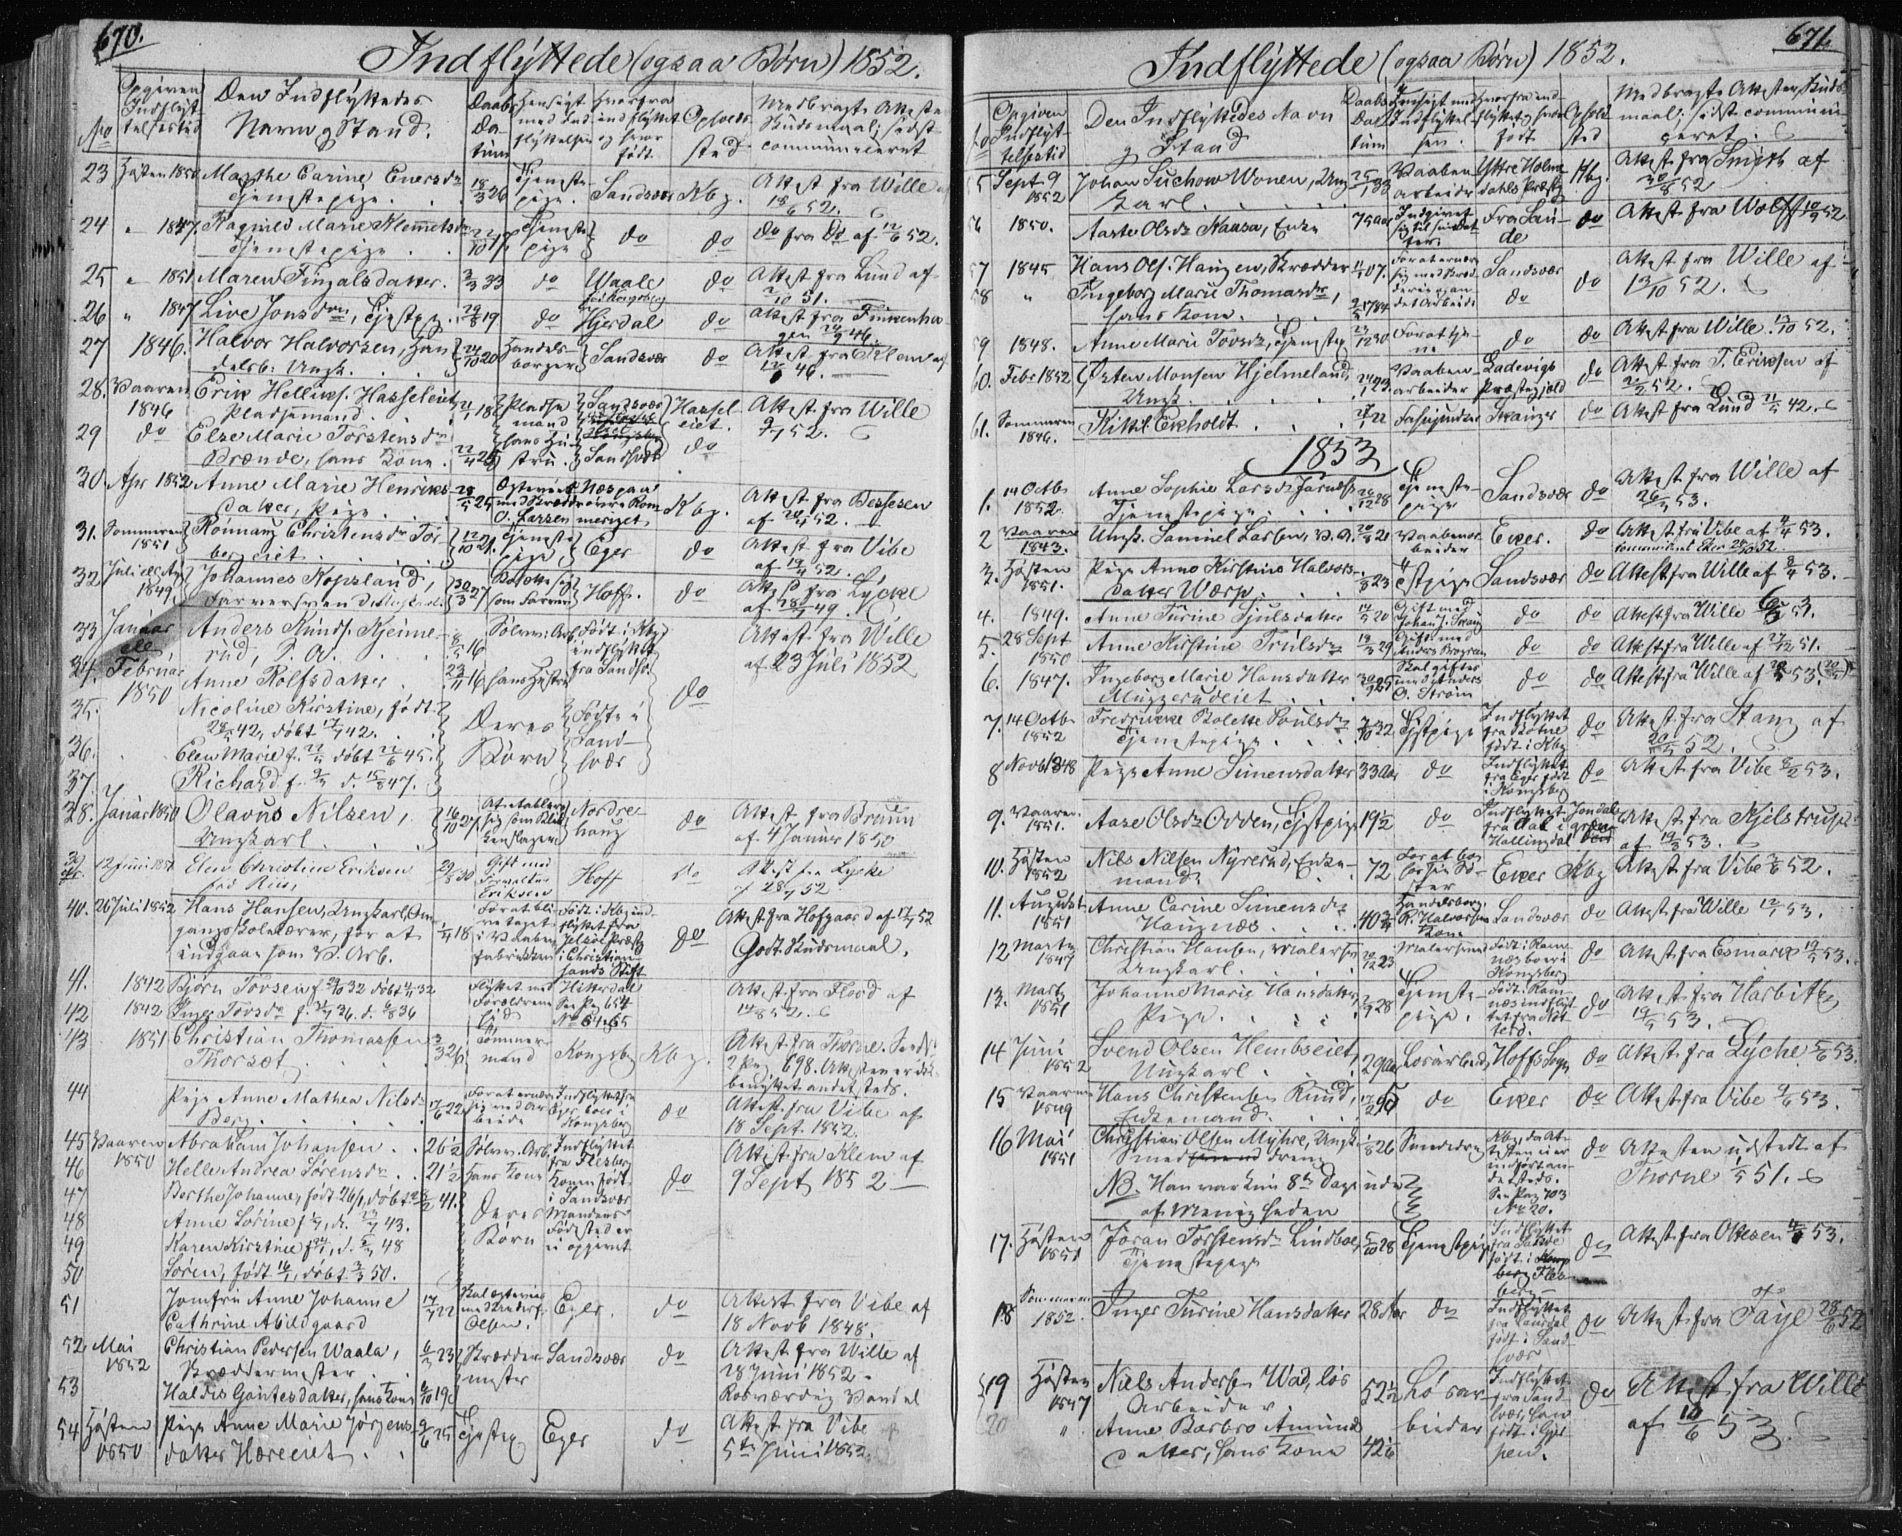 SAKO, Kongsberg kirkebøker, F/Fa/L0009: Ministerialbok nr. I 9, 1839-1858, s. 670-671